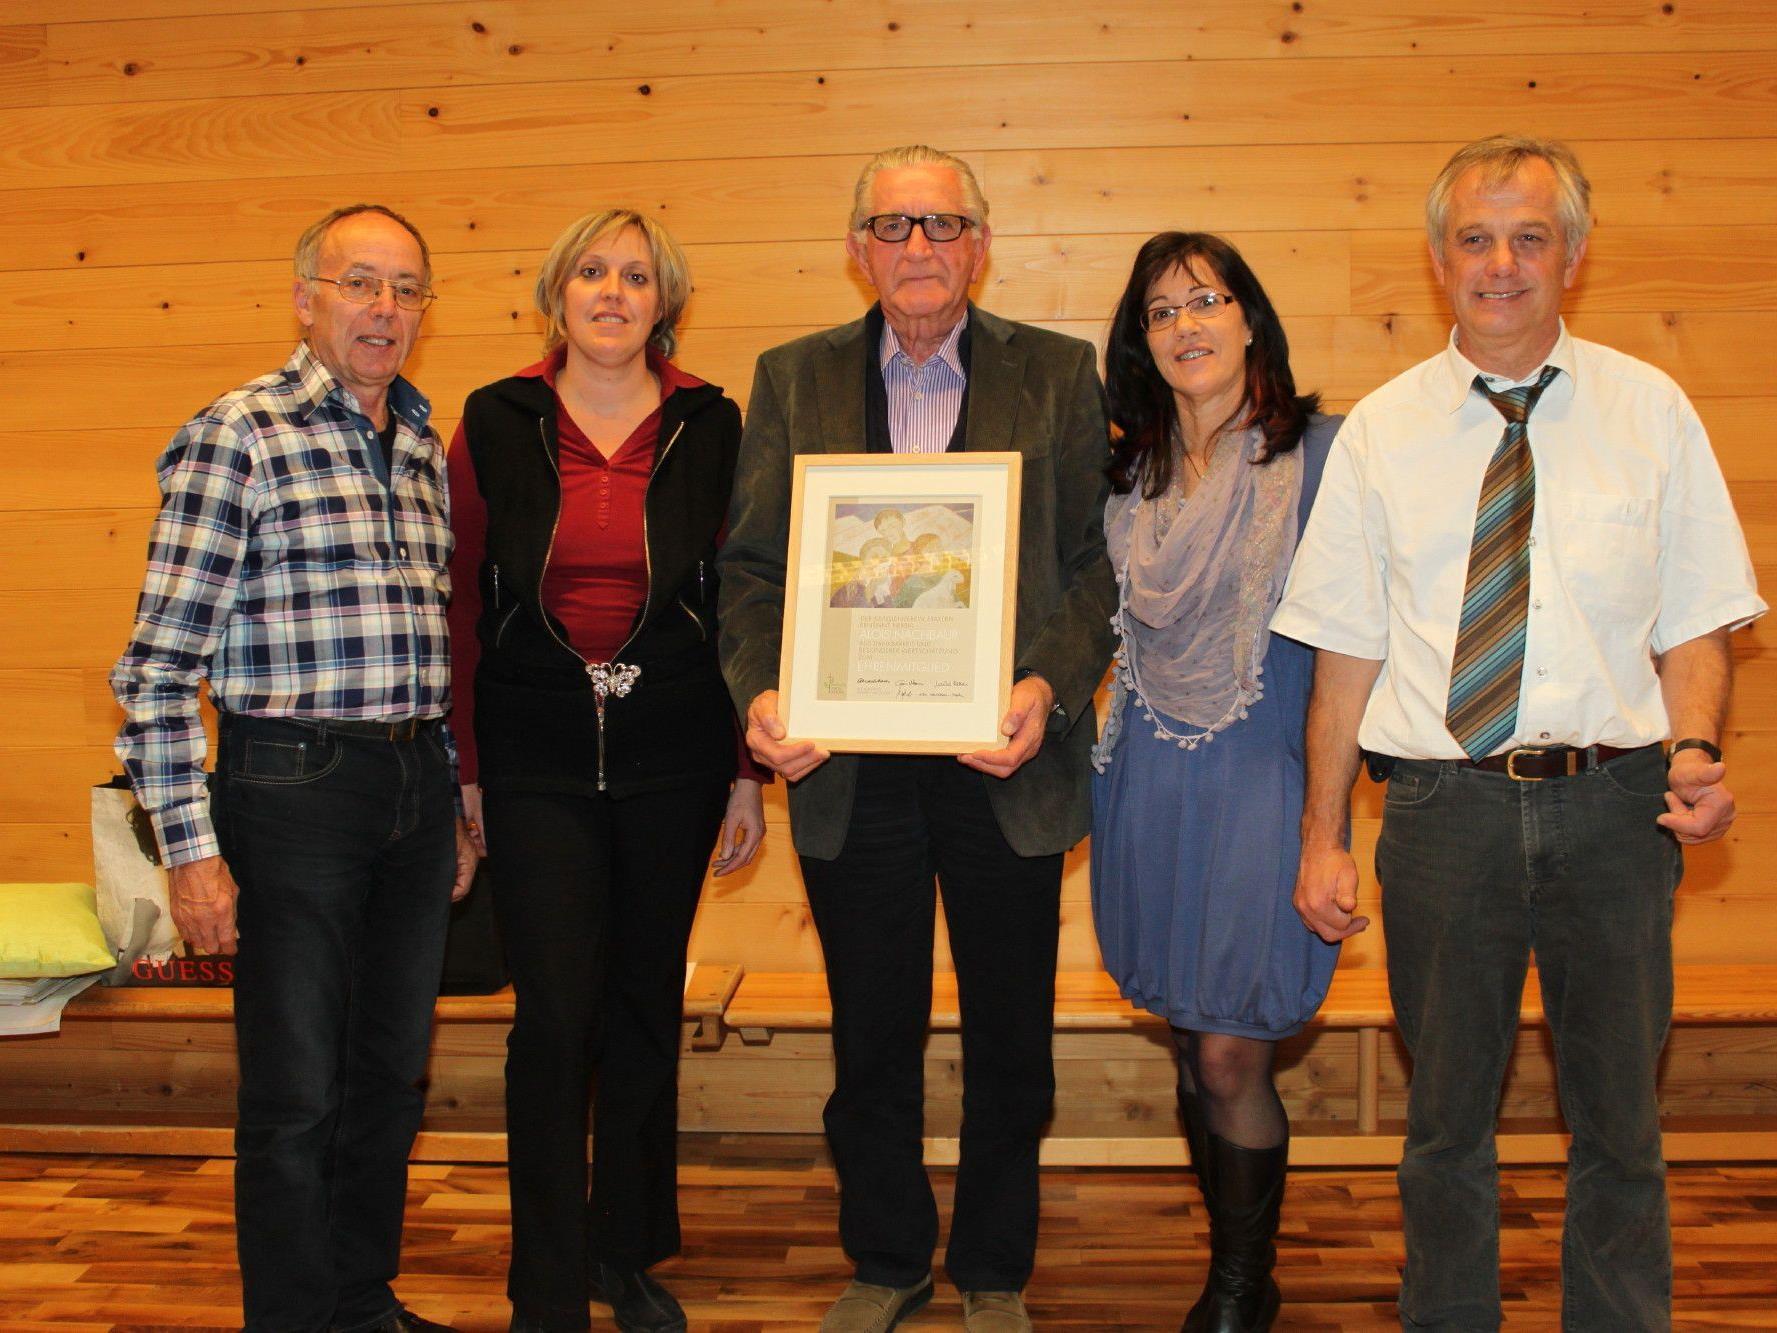 v.l.: Werner Nachbaur, Karin Nachbaur, Alois Nachbaur, Carmen Nachbaur, Kurt Nägele